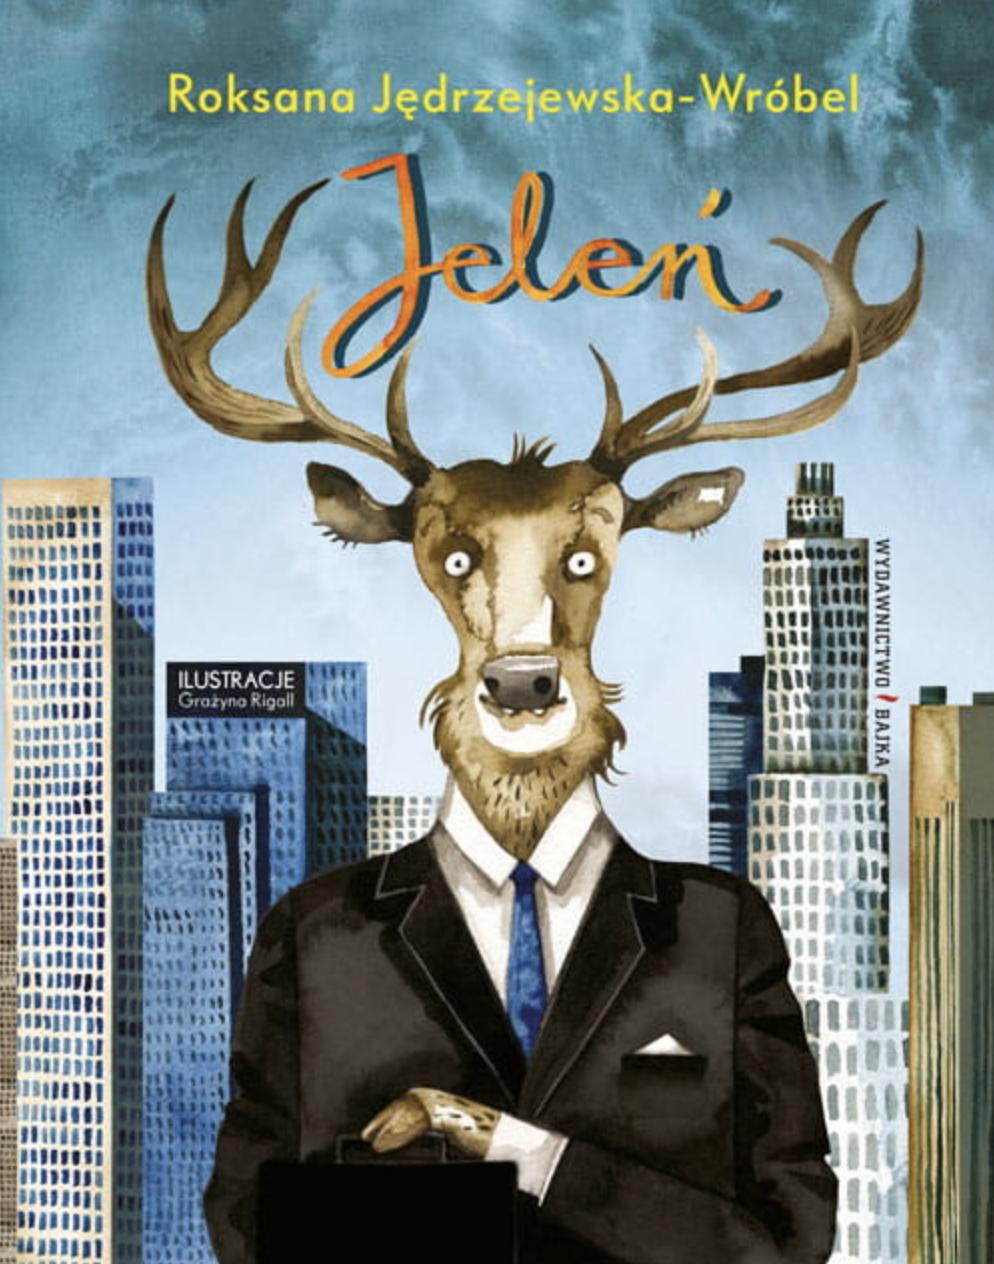 Jeleń (Der Hirsch) Book Cover